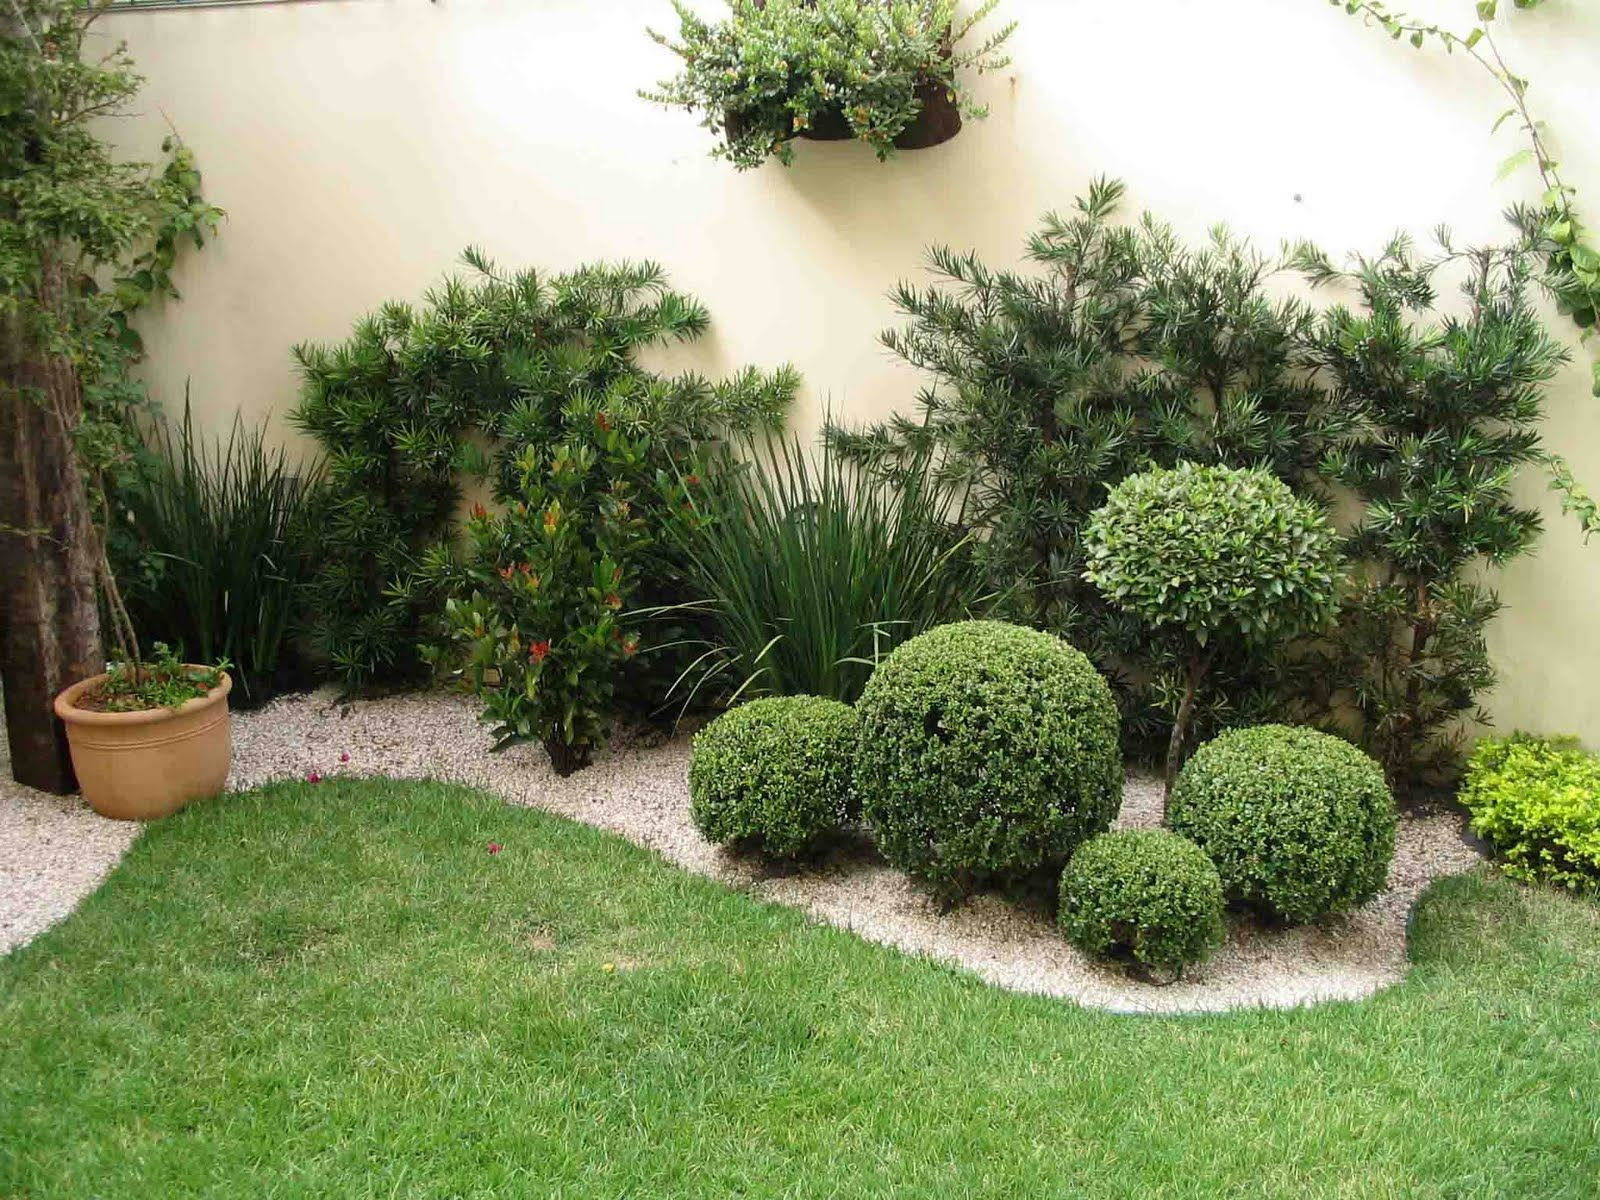 Como fazer um jardim simples e barato no quintal   Boj, Jardineras y ...